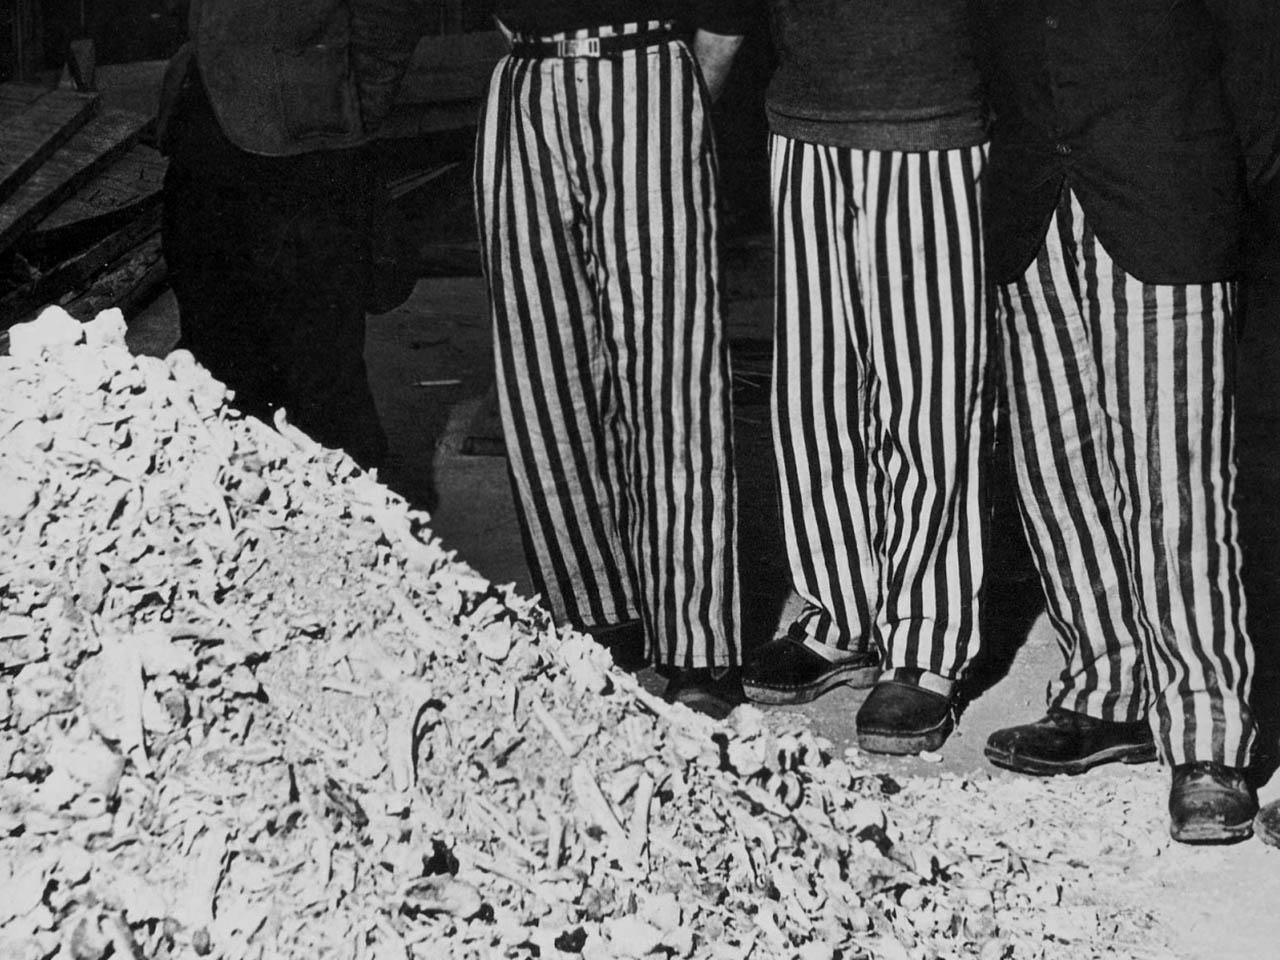 Lee Miller<br> Buchenwald 1945